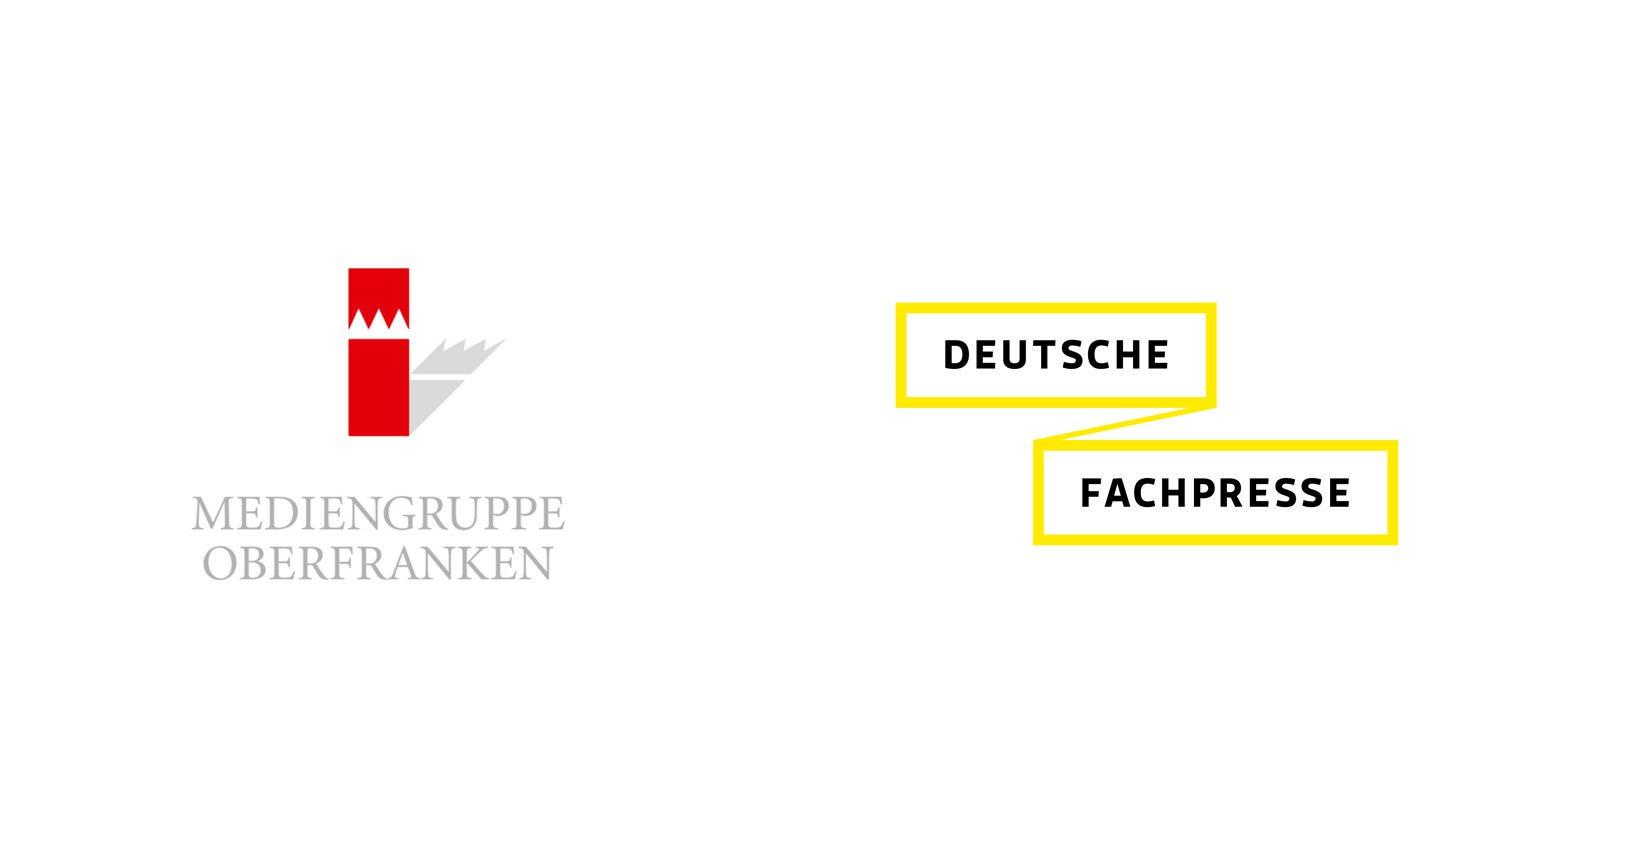 Businessbilder der Mediengruppe Oberfranken für den Deutschen Fachpresse Service Frankfurt